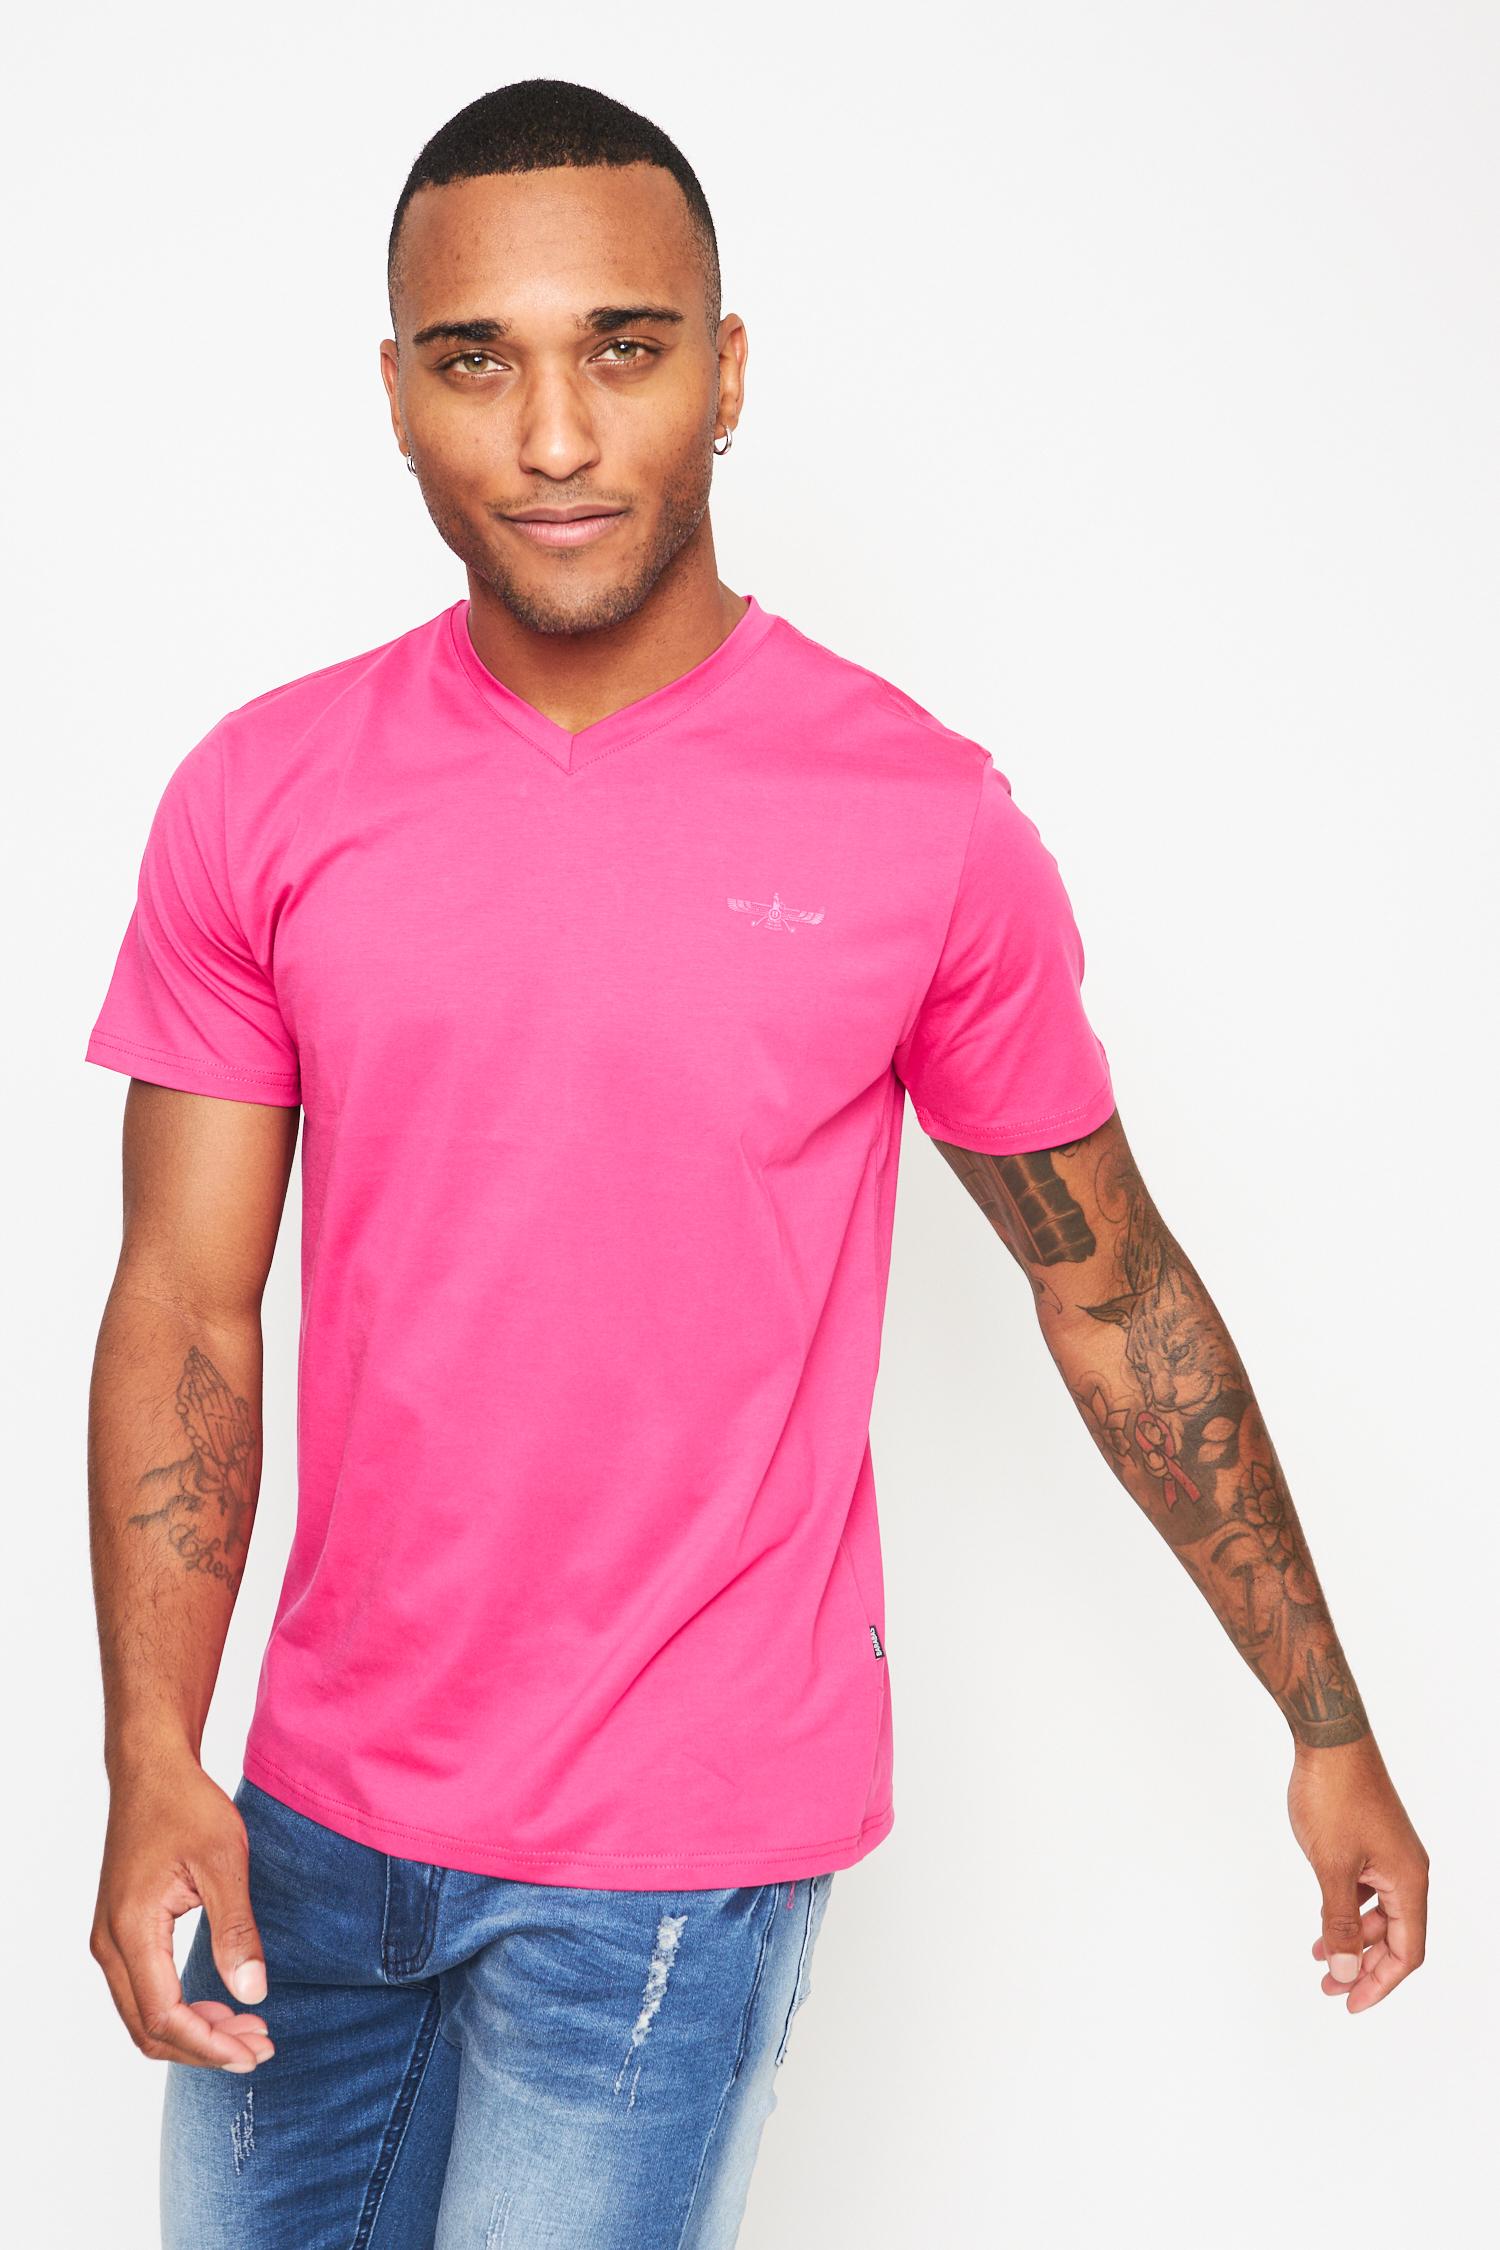 everyday basics pink  v neck  t-shirt